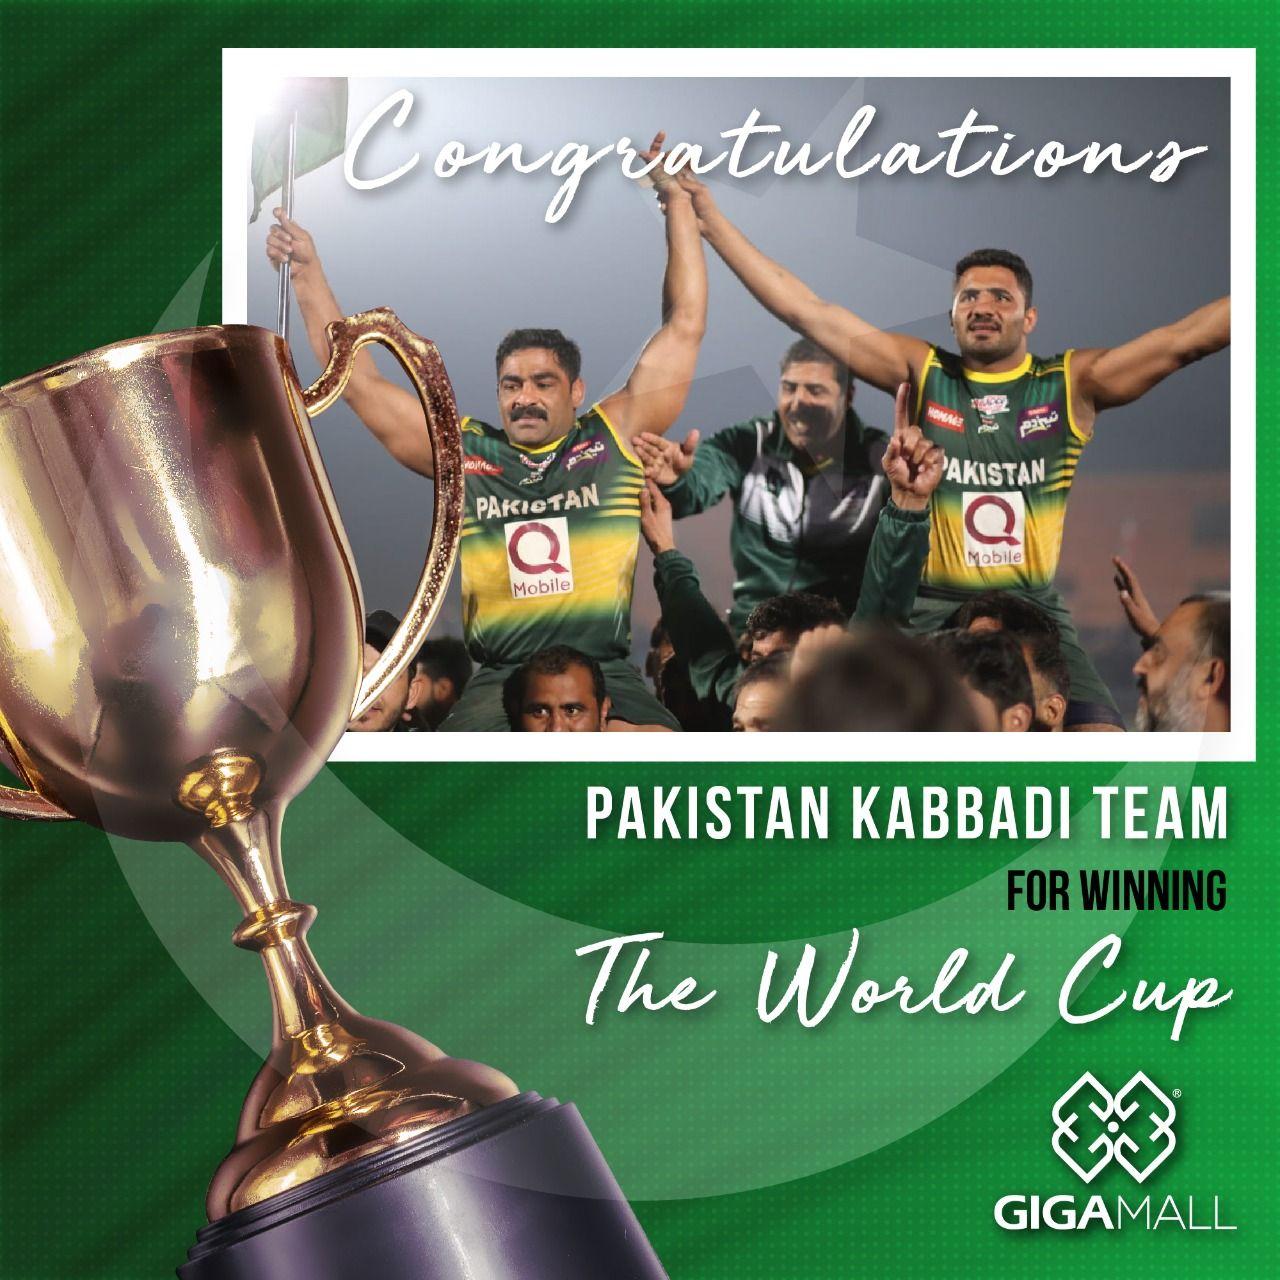 Kabaddi World Cup 2020 Giga Mall In 2020 Kabaddi World Cup World Cup World